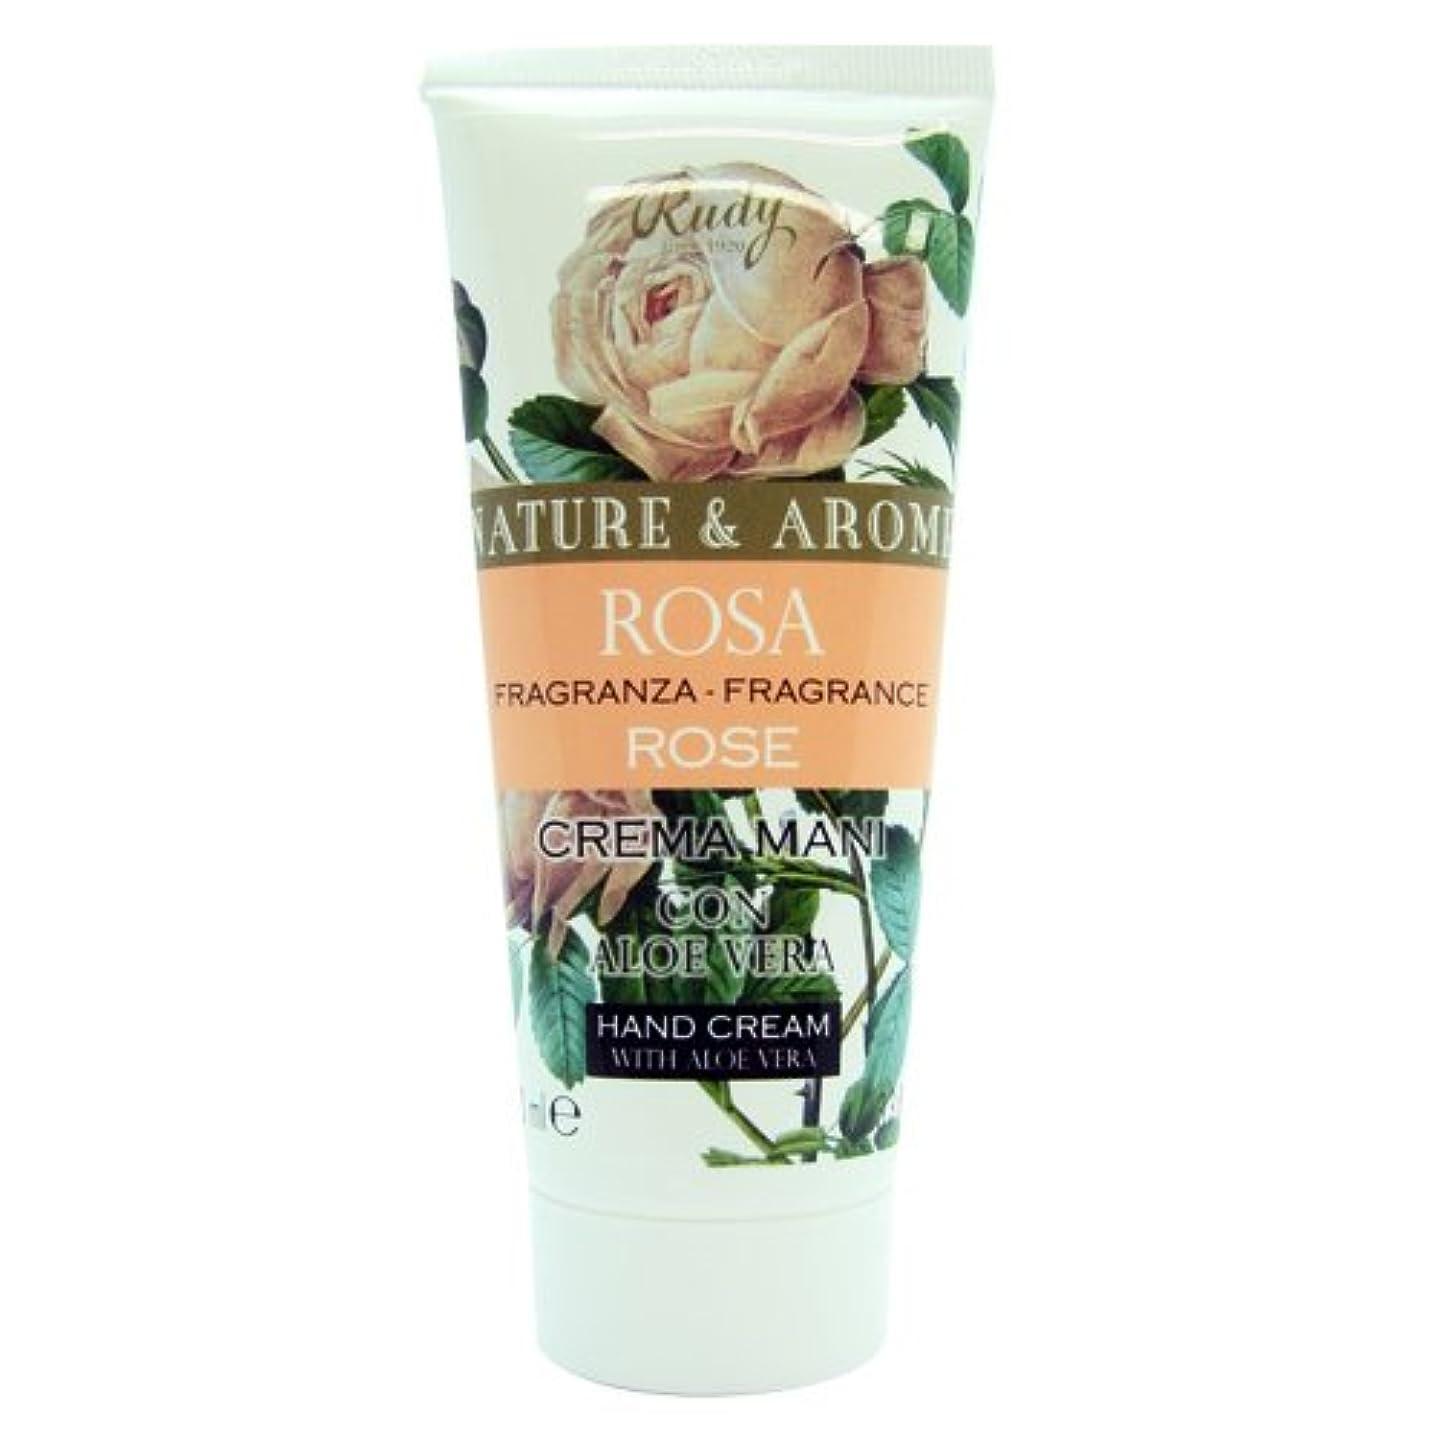 通知する愚か風刺RUDY Nature&Arome SERIES ルディ ナチュール&アロマ Hand Cream ハンドクリーム Rose ローズ